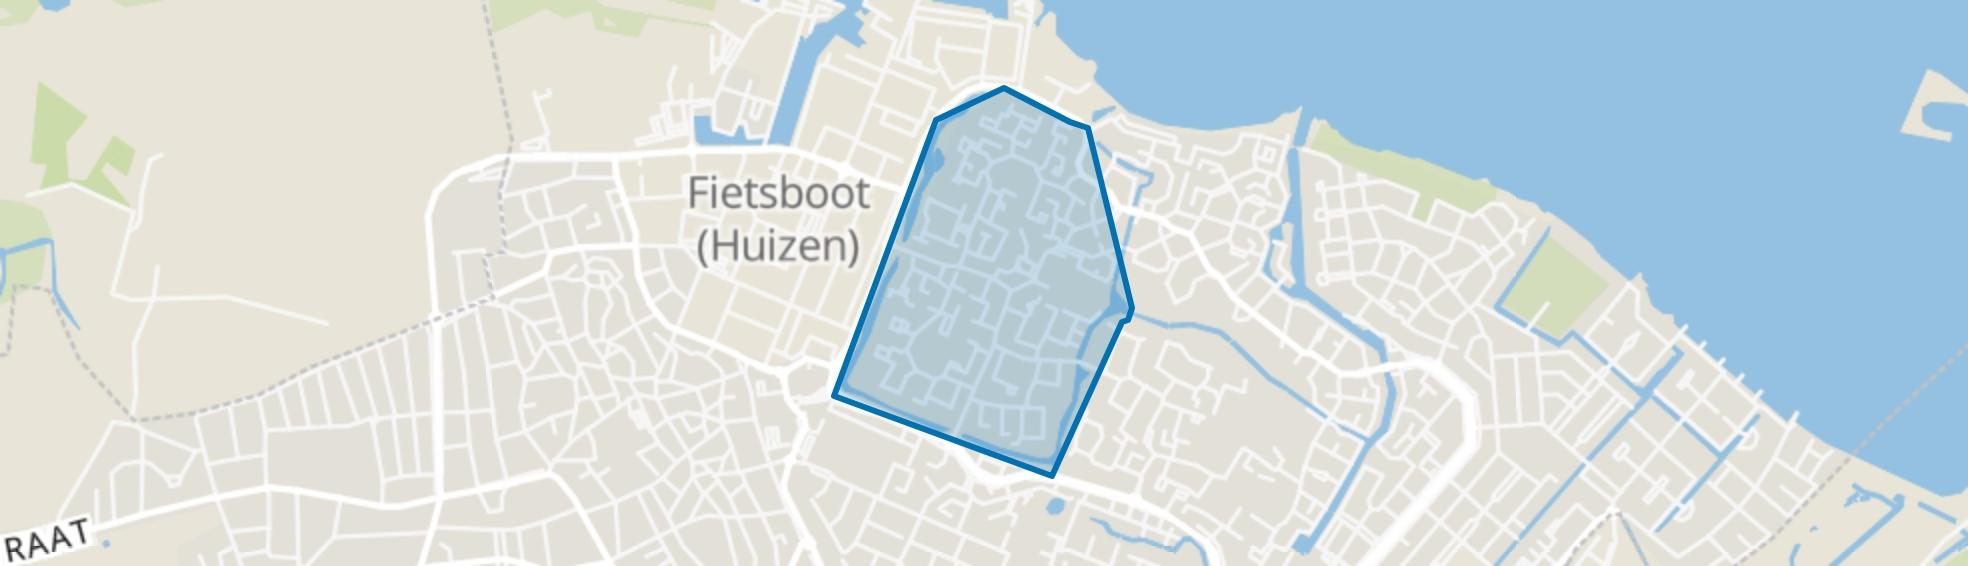 Huizermaat West, Huizen map